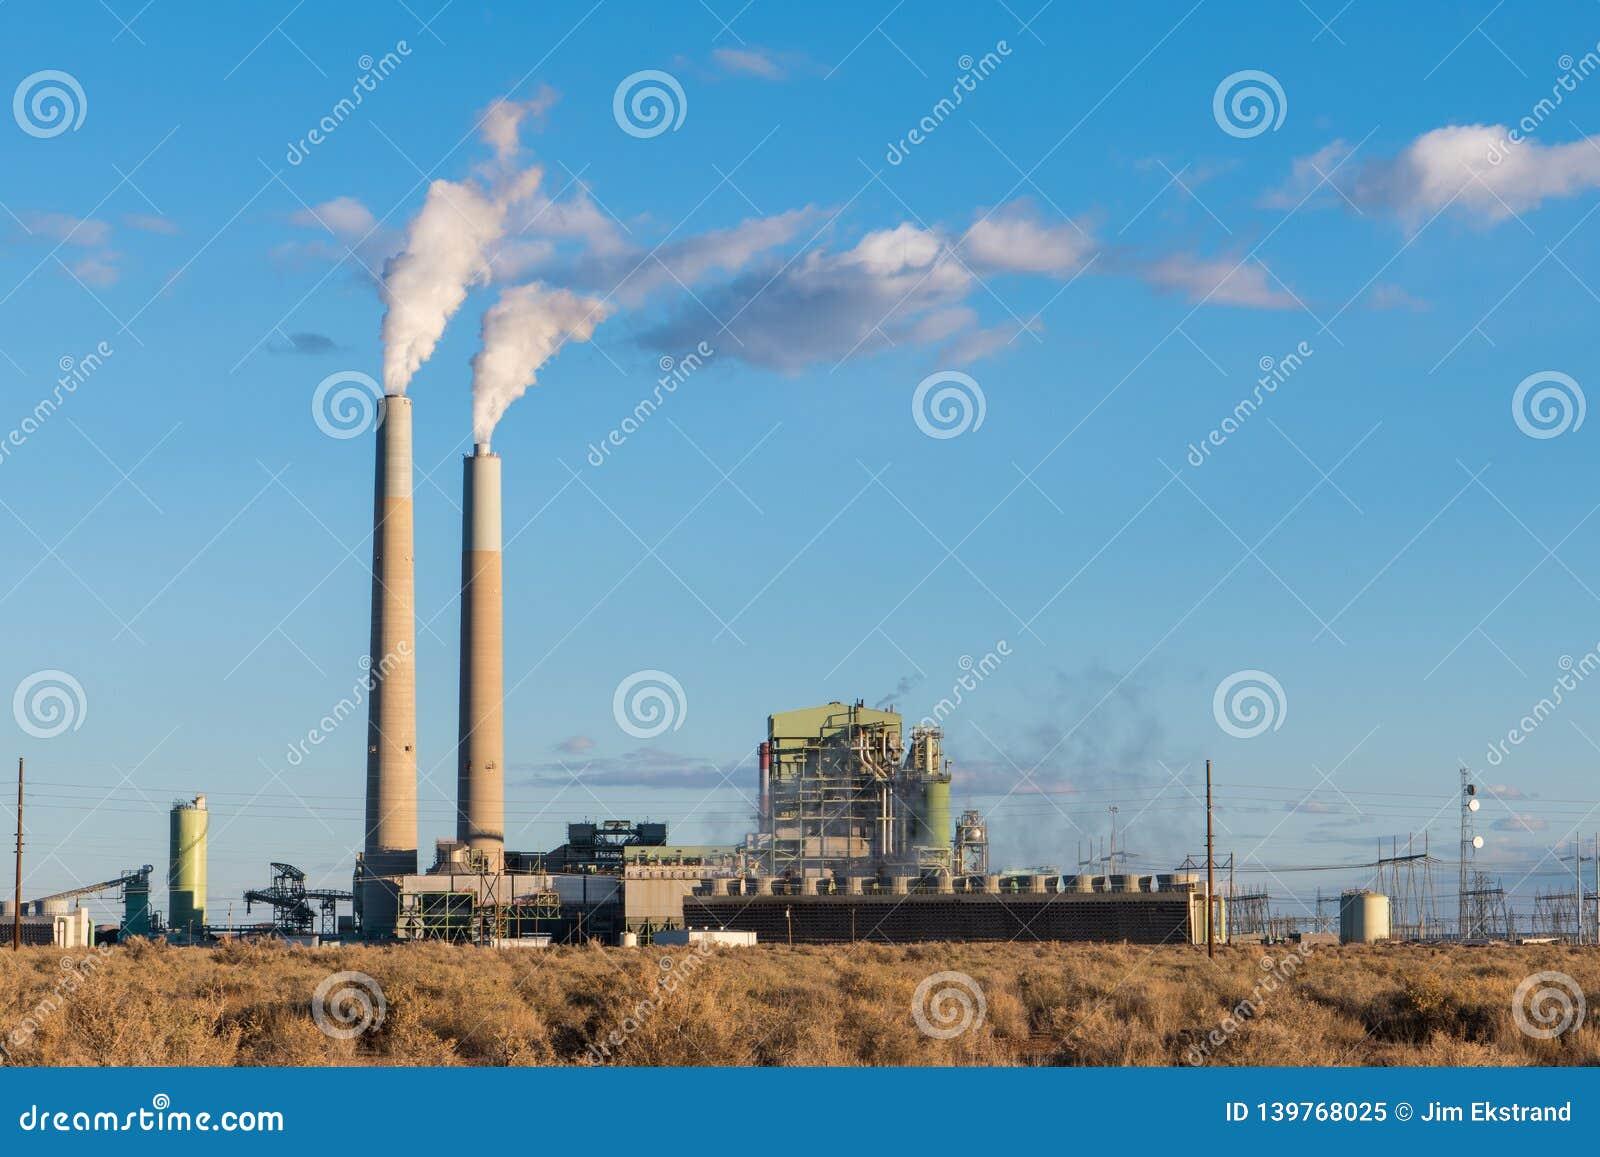 Με κάρβουνο εγκαταστάσεις ηλεκτρικής δύναμης με τις καπνοδόχους που εκπέμπουν τα λοφία καπνός στις νοτιοδυτικές Ηνωμένες Πολιτείε